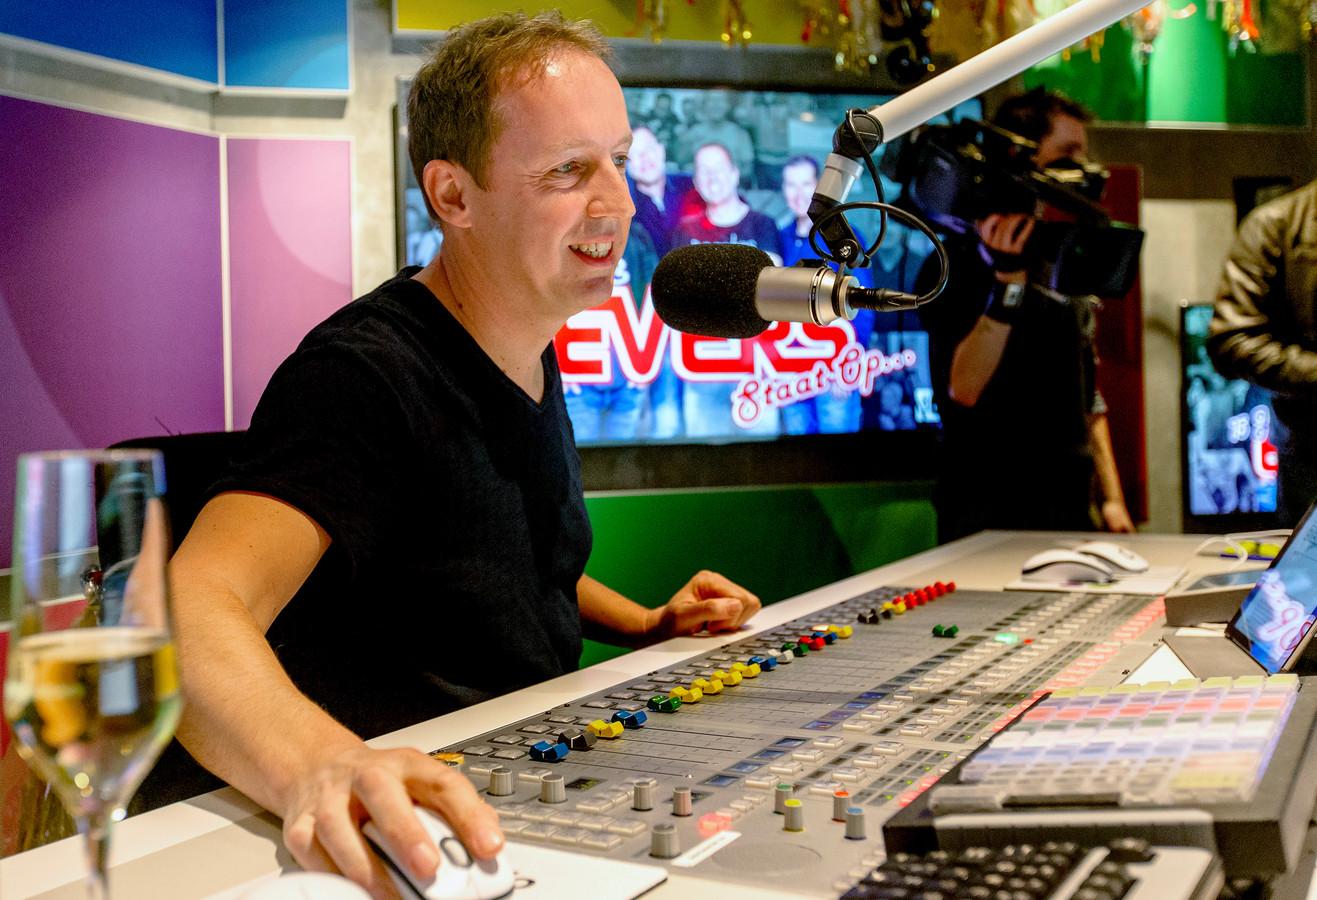 Edwin Evers in de radiostudio van 538.